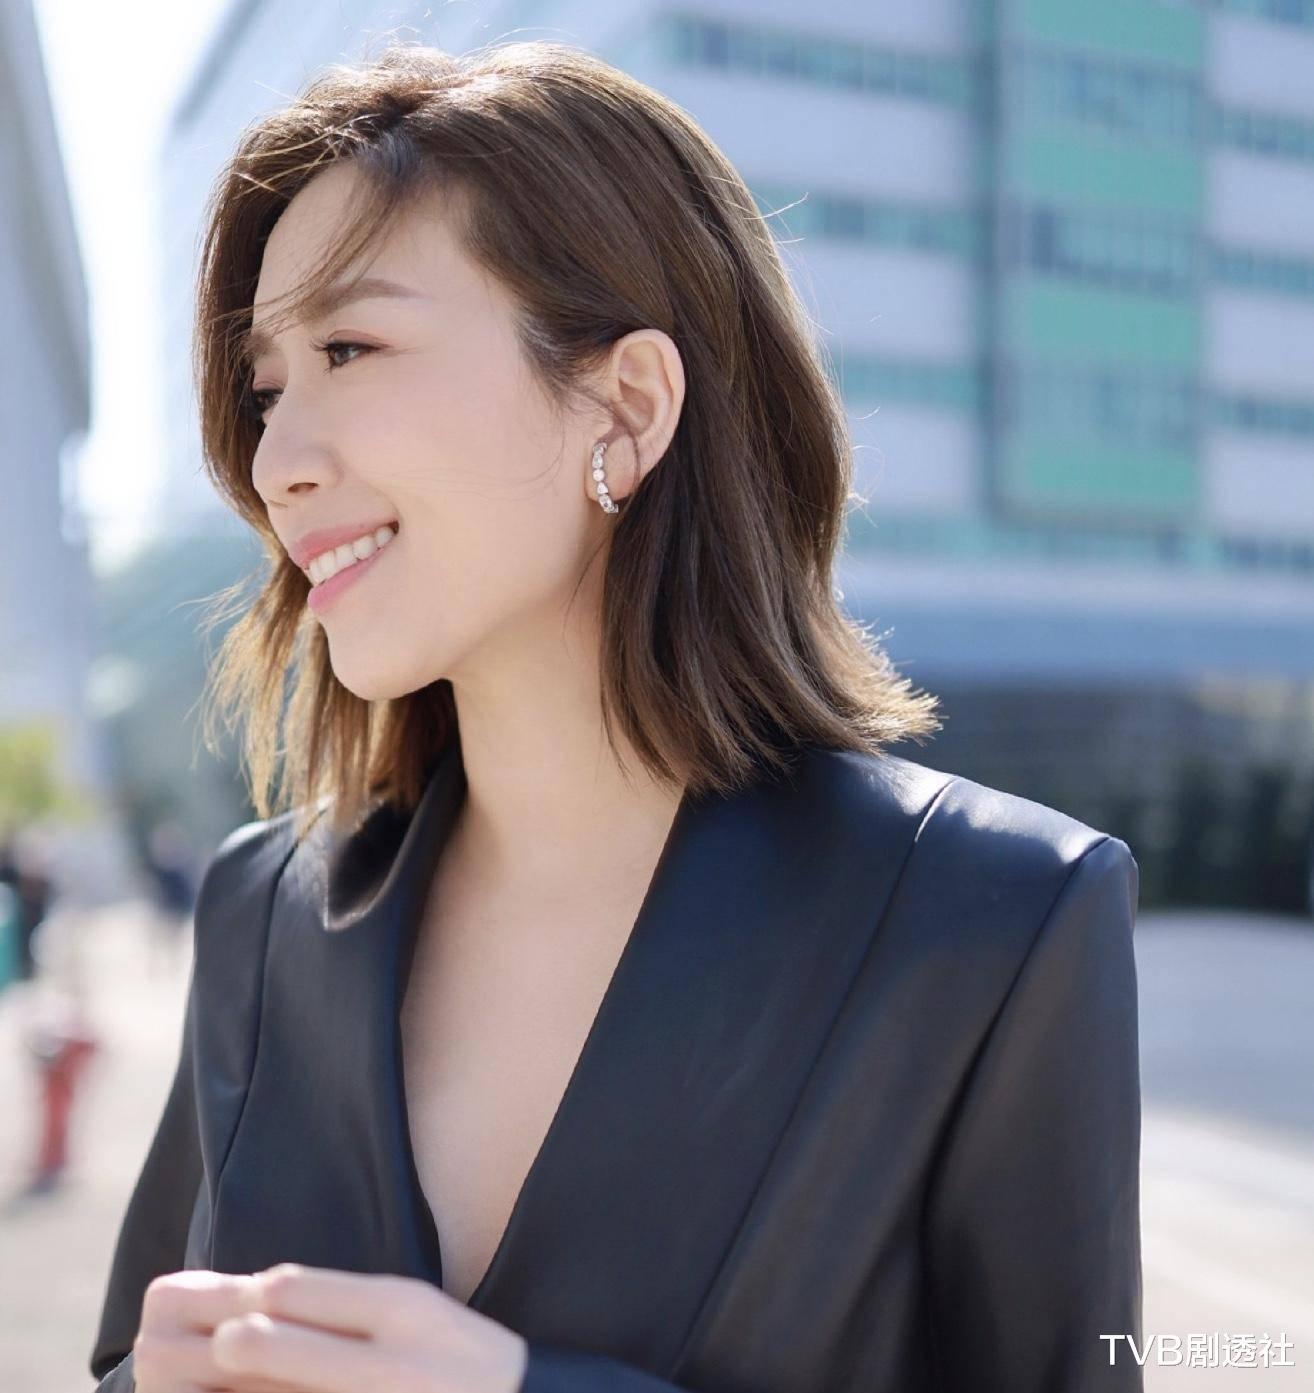 TVB選秀版《沖上雲霄大選》,為空姐空少提供進入娛樂圈機會-圖7